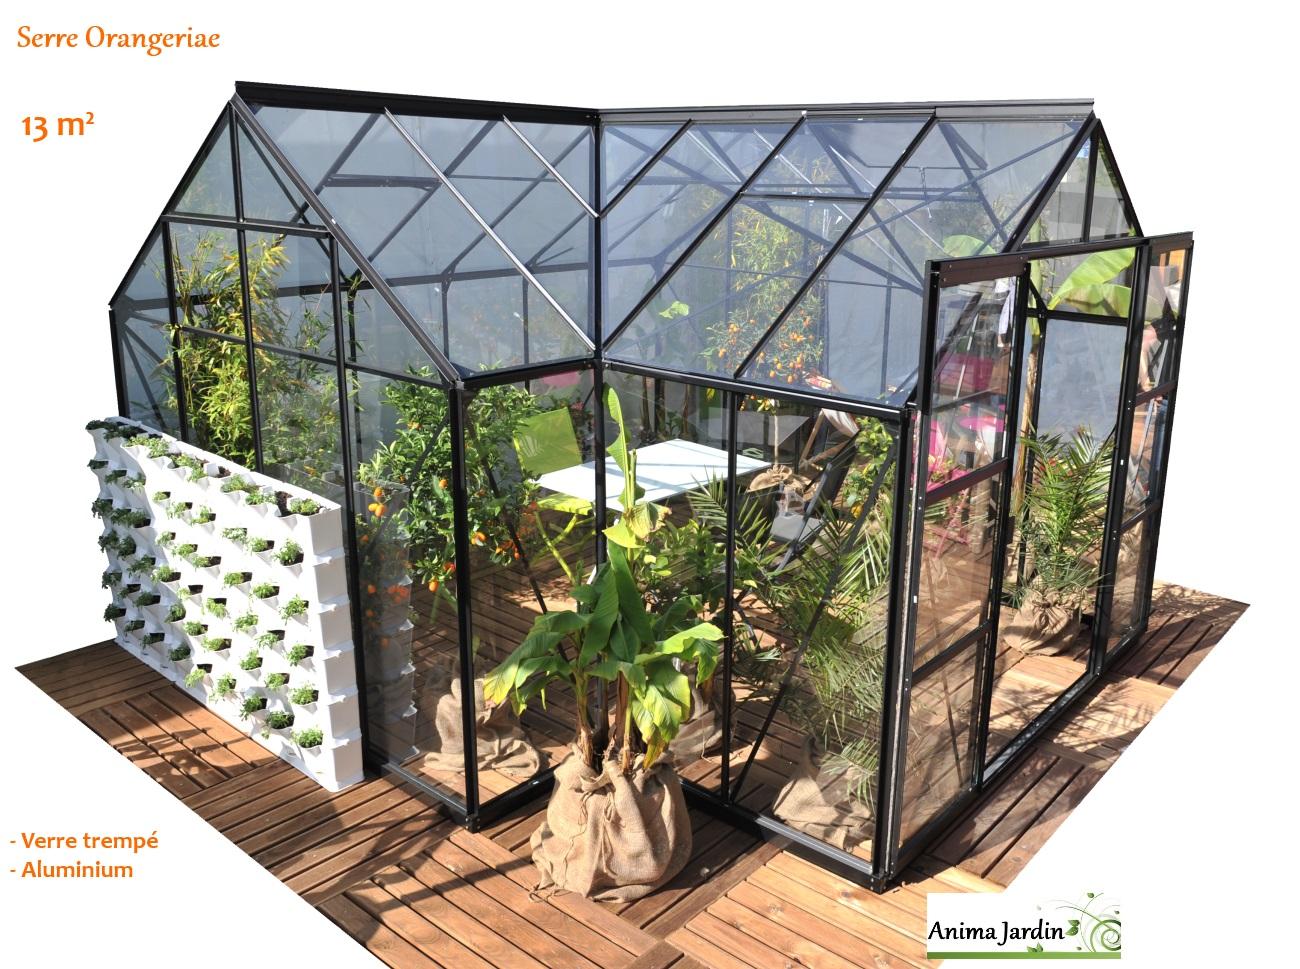 Serre de jardin, Orangeraie SIRIUS, verre trempé, aluminium, achat ...